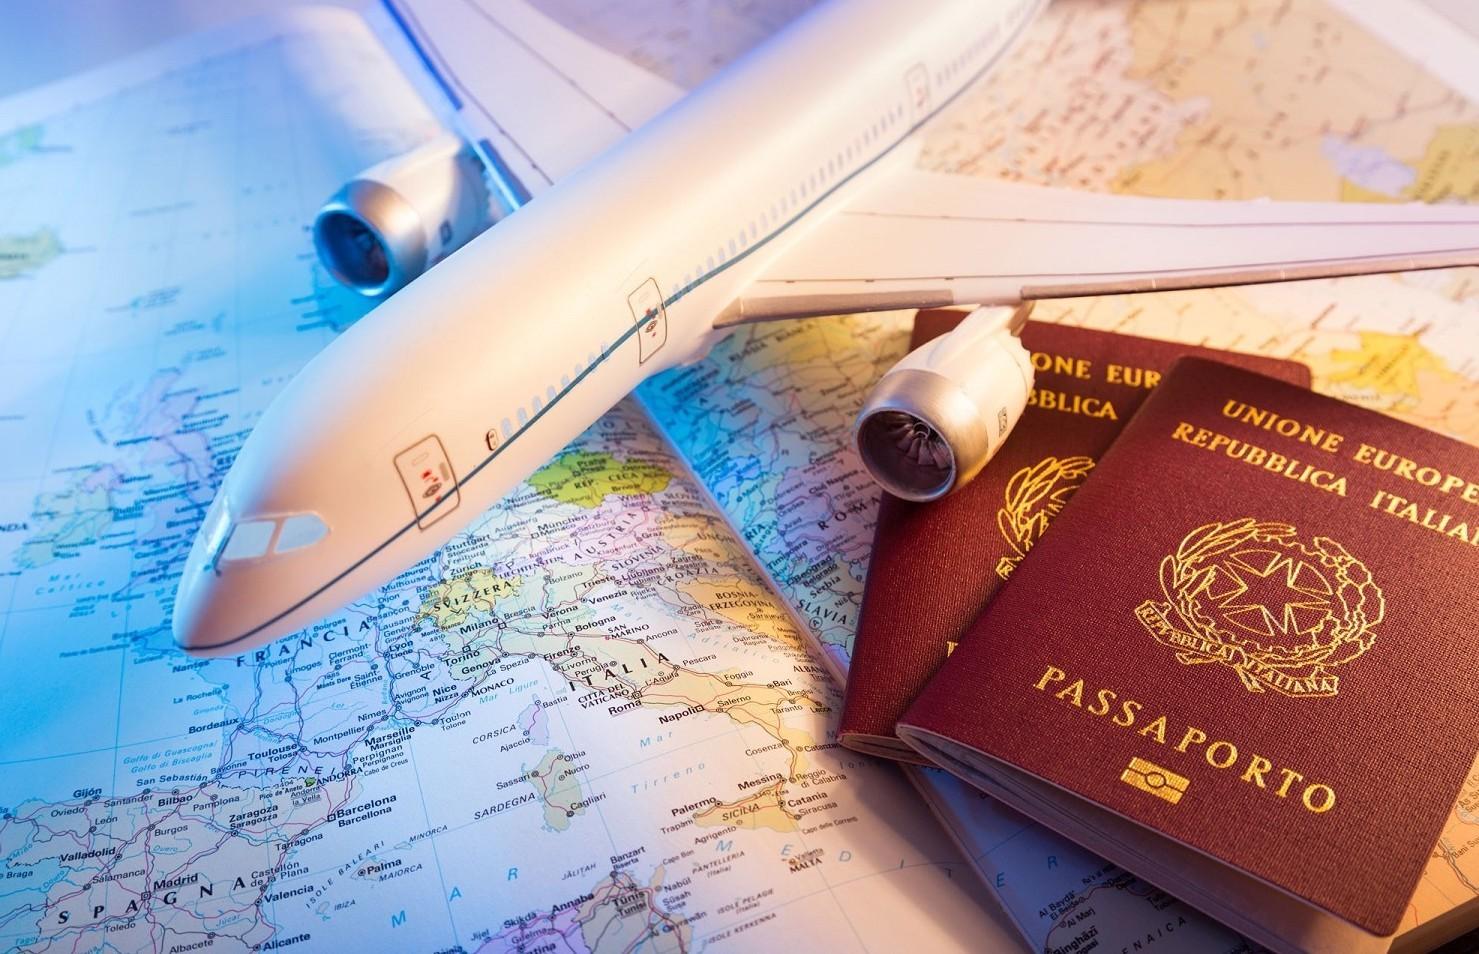 Documenti di identità persi all'estero, cosa è necessario fare